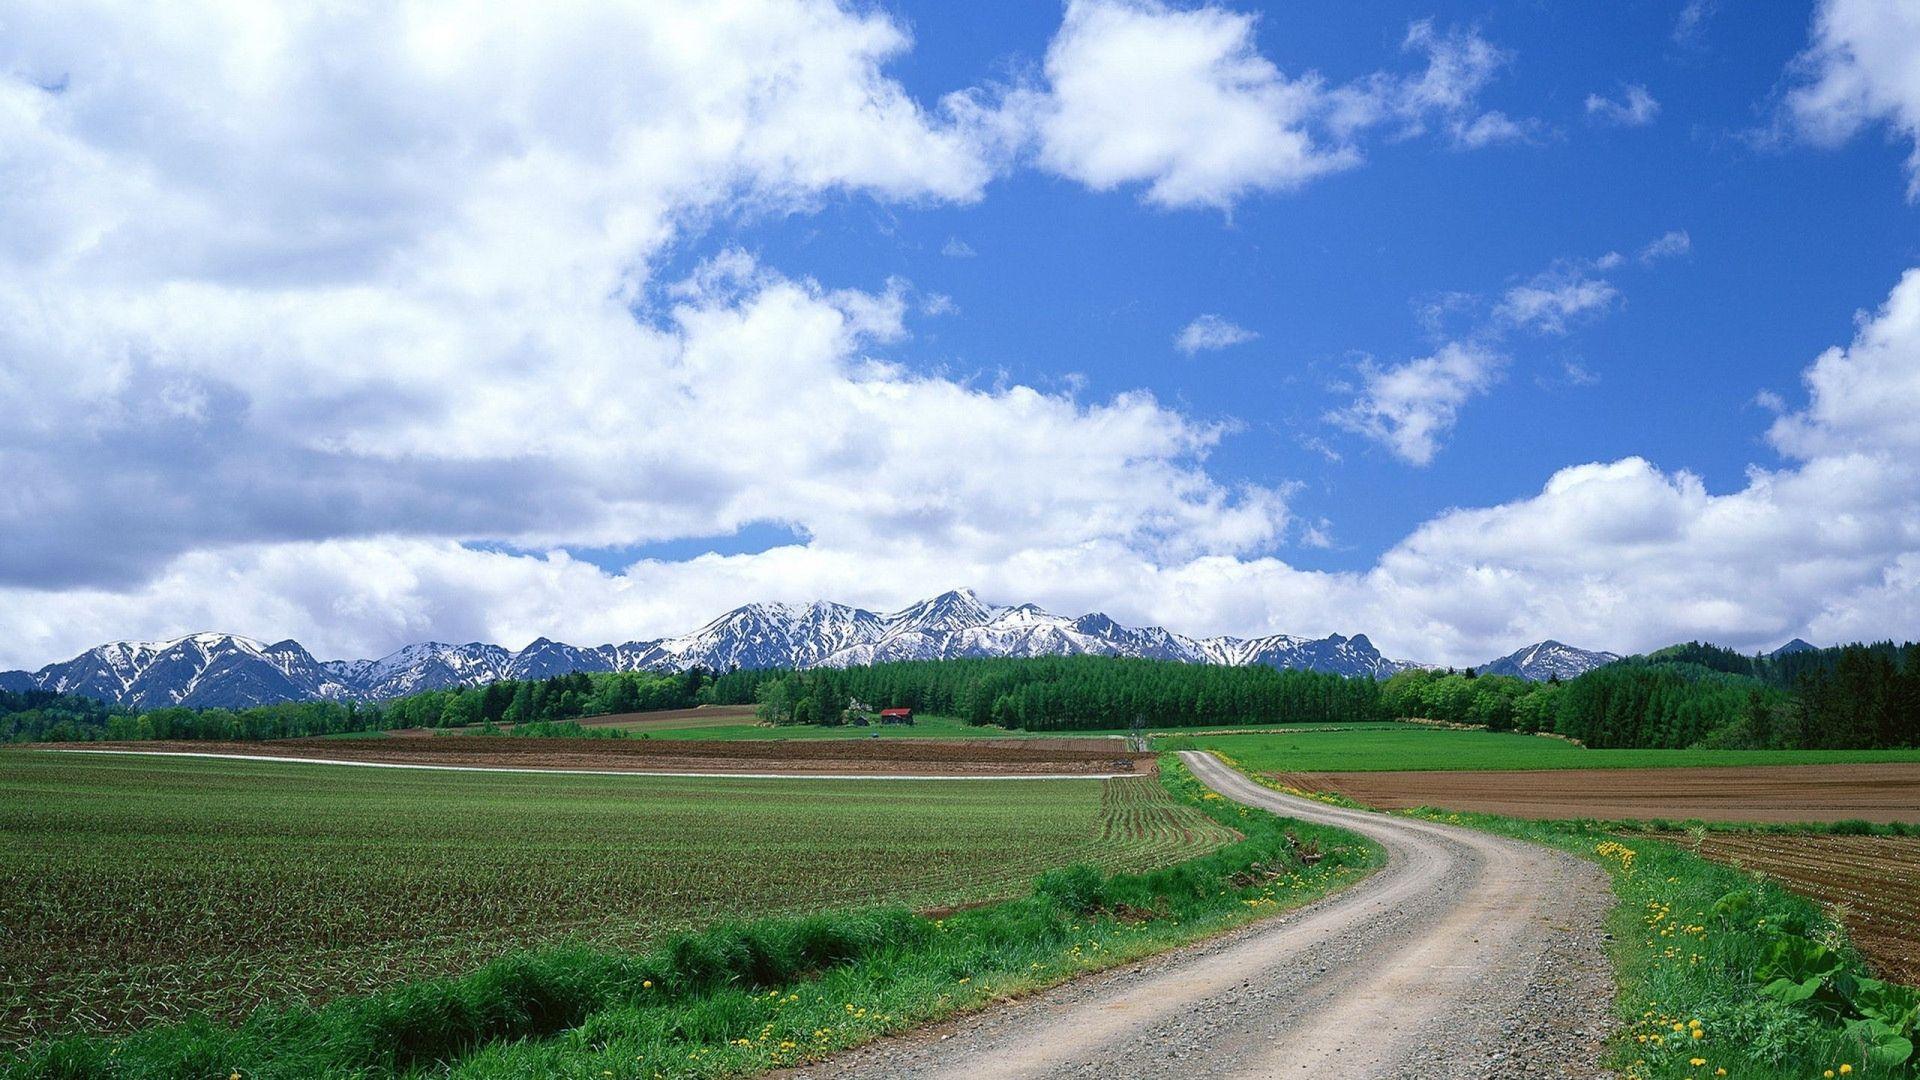 1920x1080 Wallpaper Field Summer Grass Mountains Beautiful Landscape Wall Art Tree Mountain Wallpaper Mountain Wallpaper Hd wallpaper field road summer grass